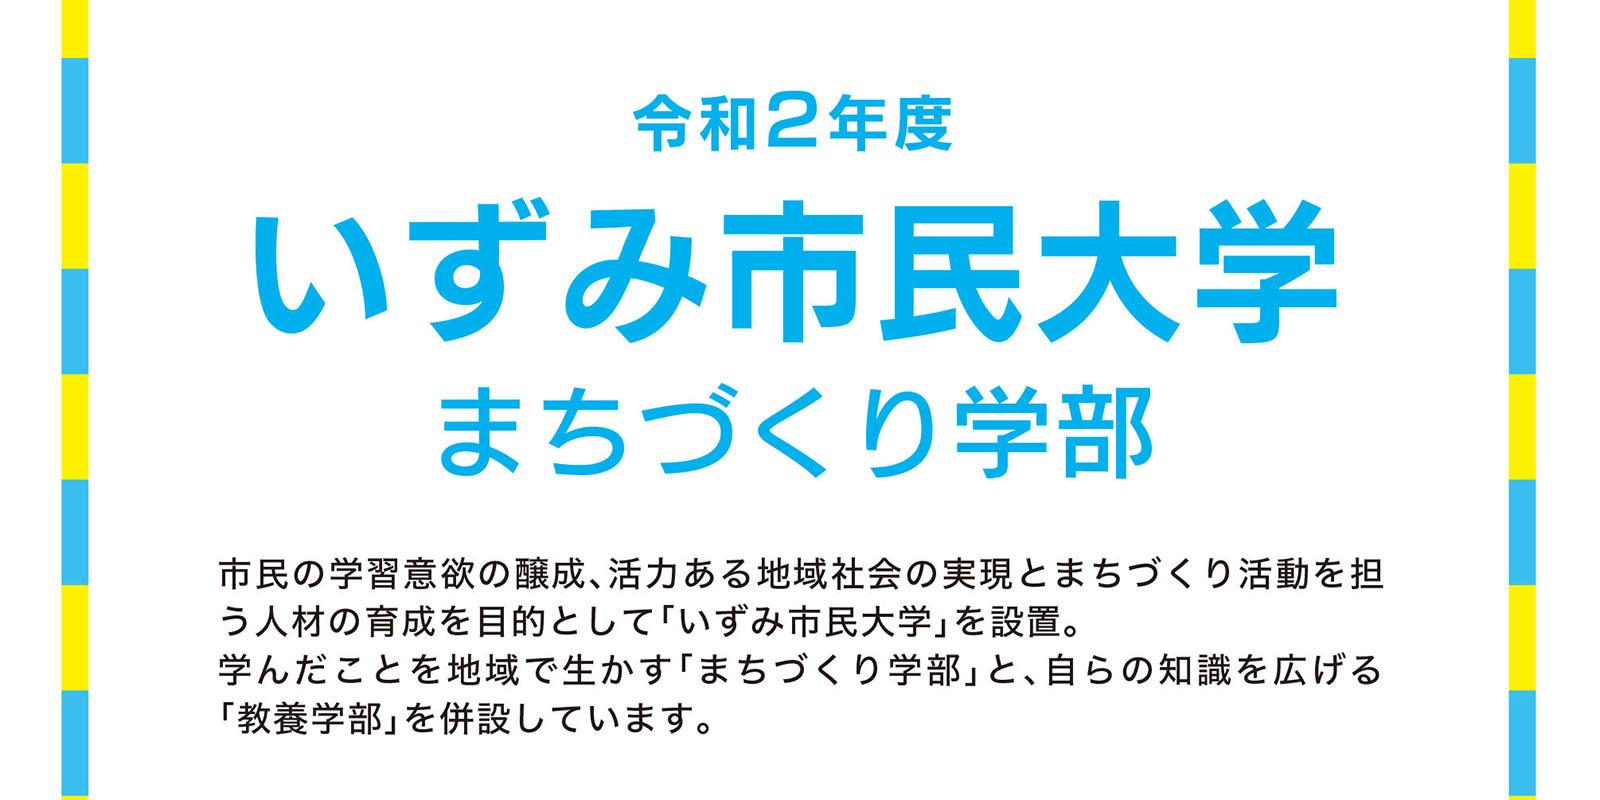 いずみ市民大学 まちづくり本科|2020.12.12 ゲスト講師(大阪府和泉市)